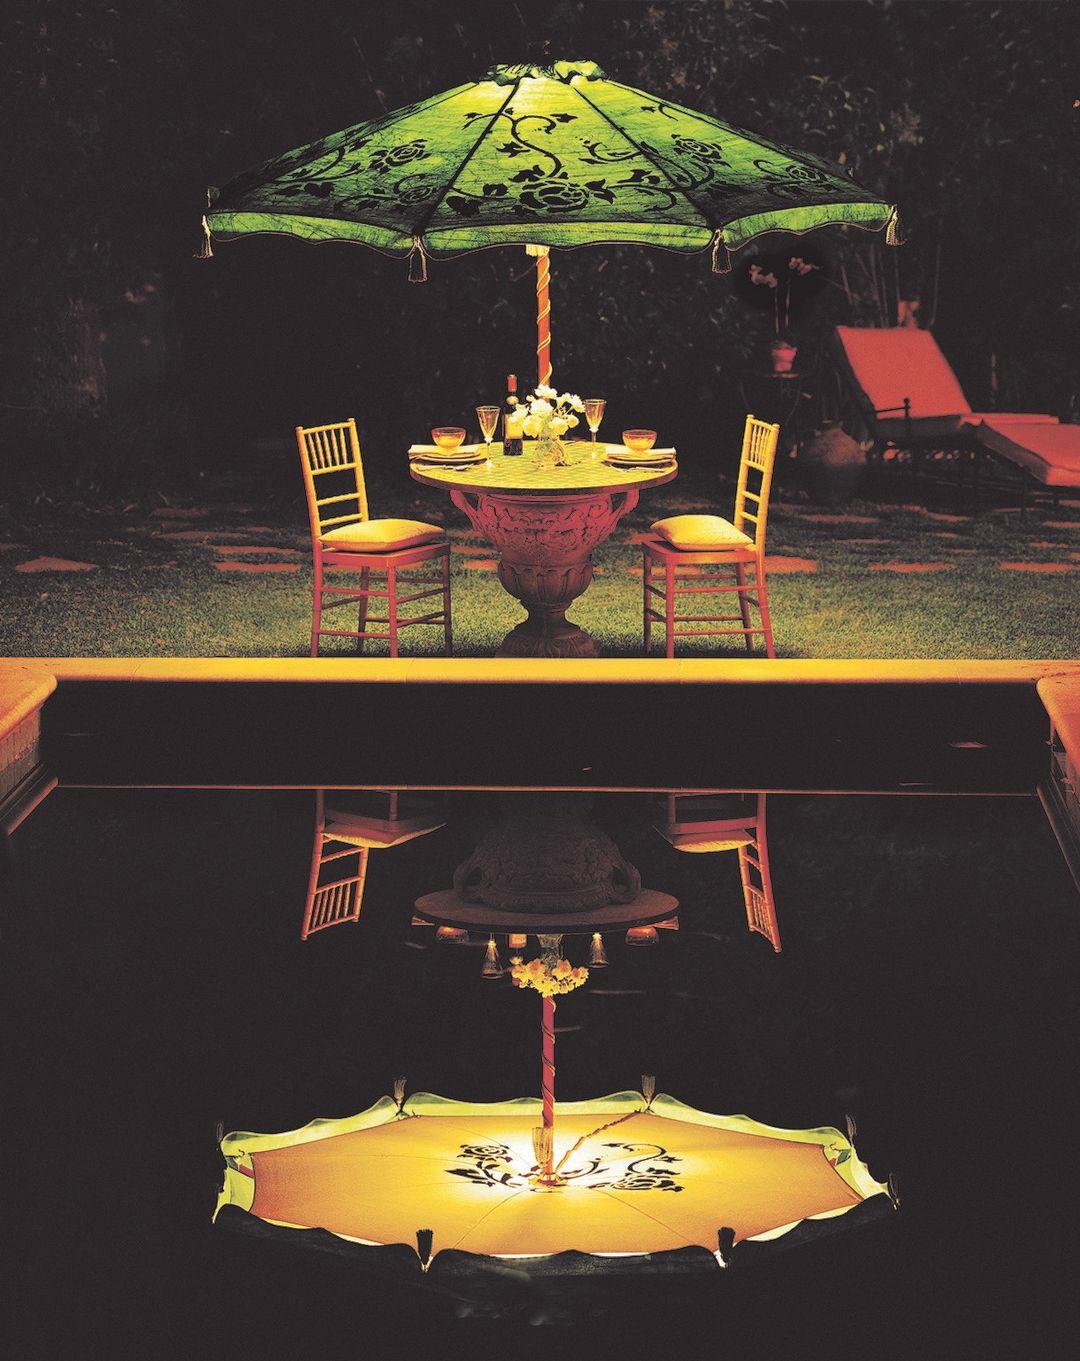 Hand painted umbrellas r7av6g